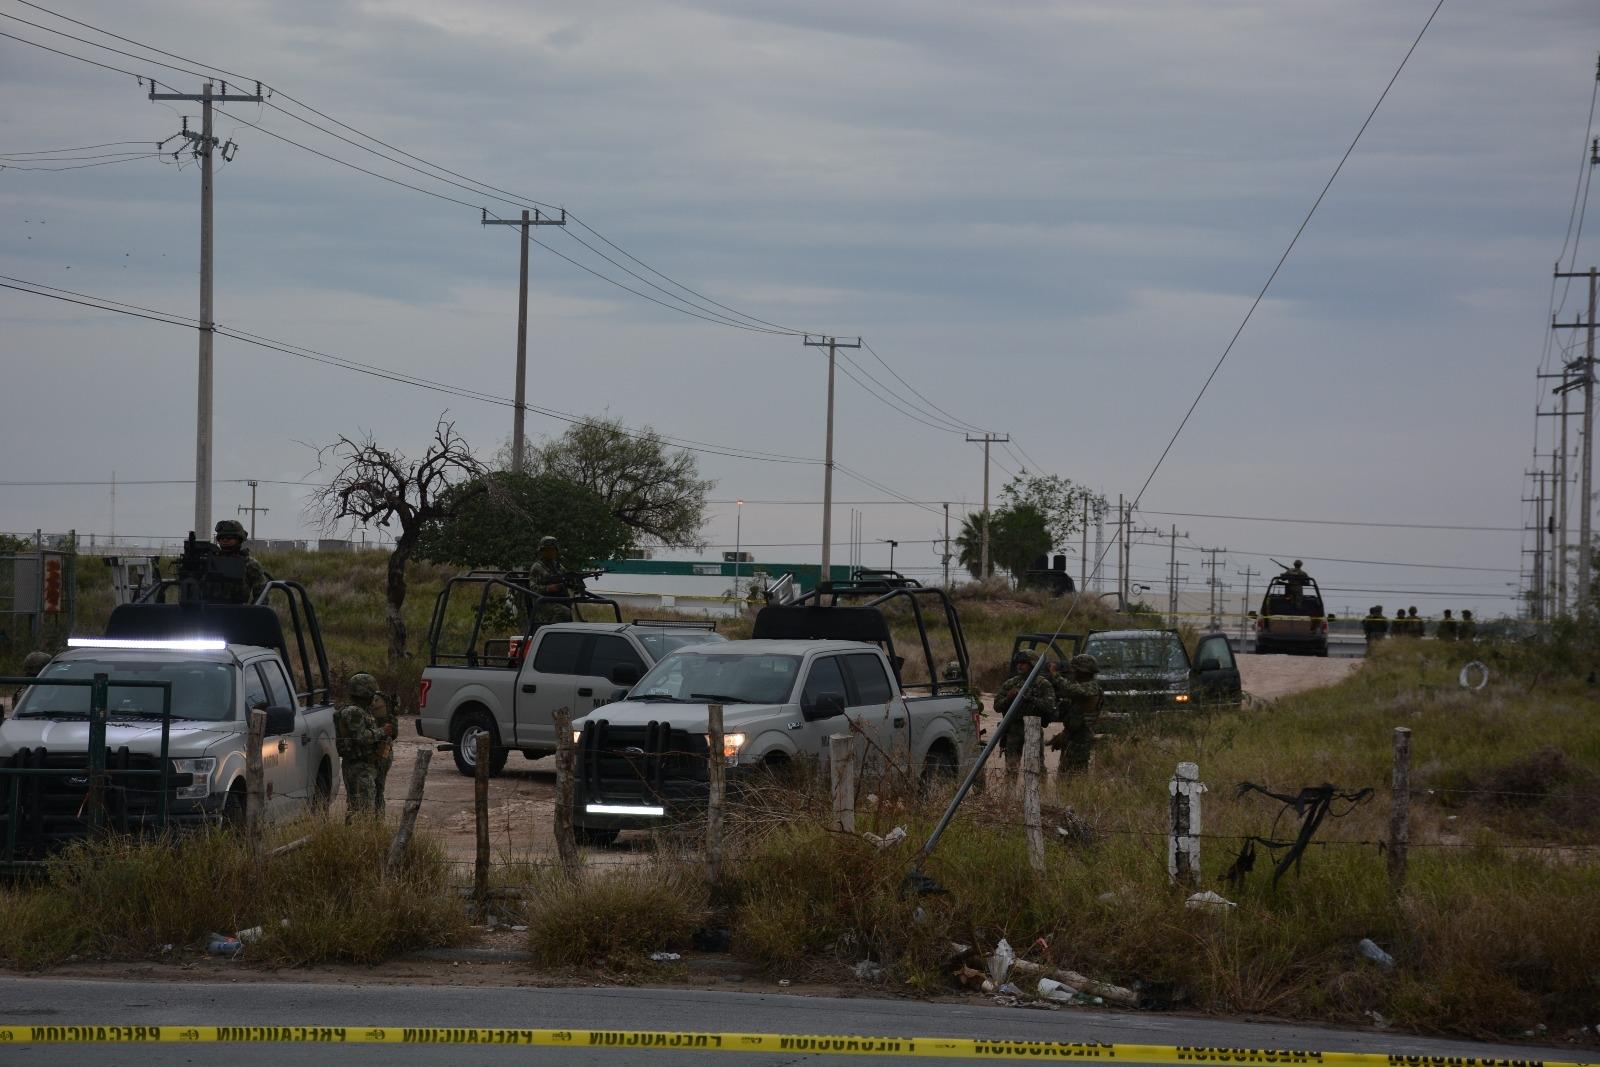 Combaten aire–tierra; Fallido escape en Reynosa: 3 muertos